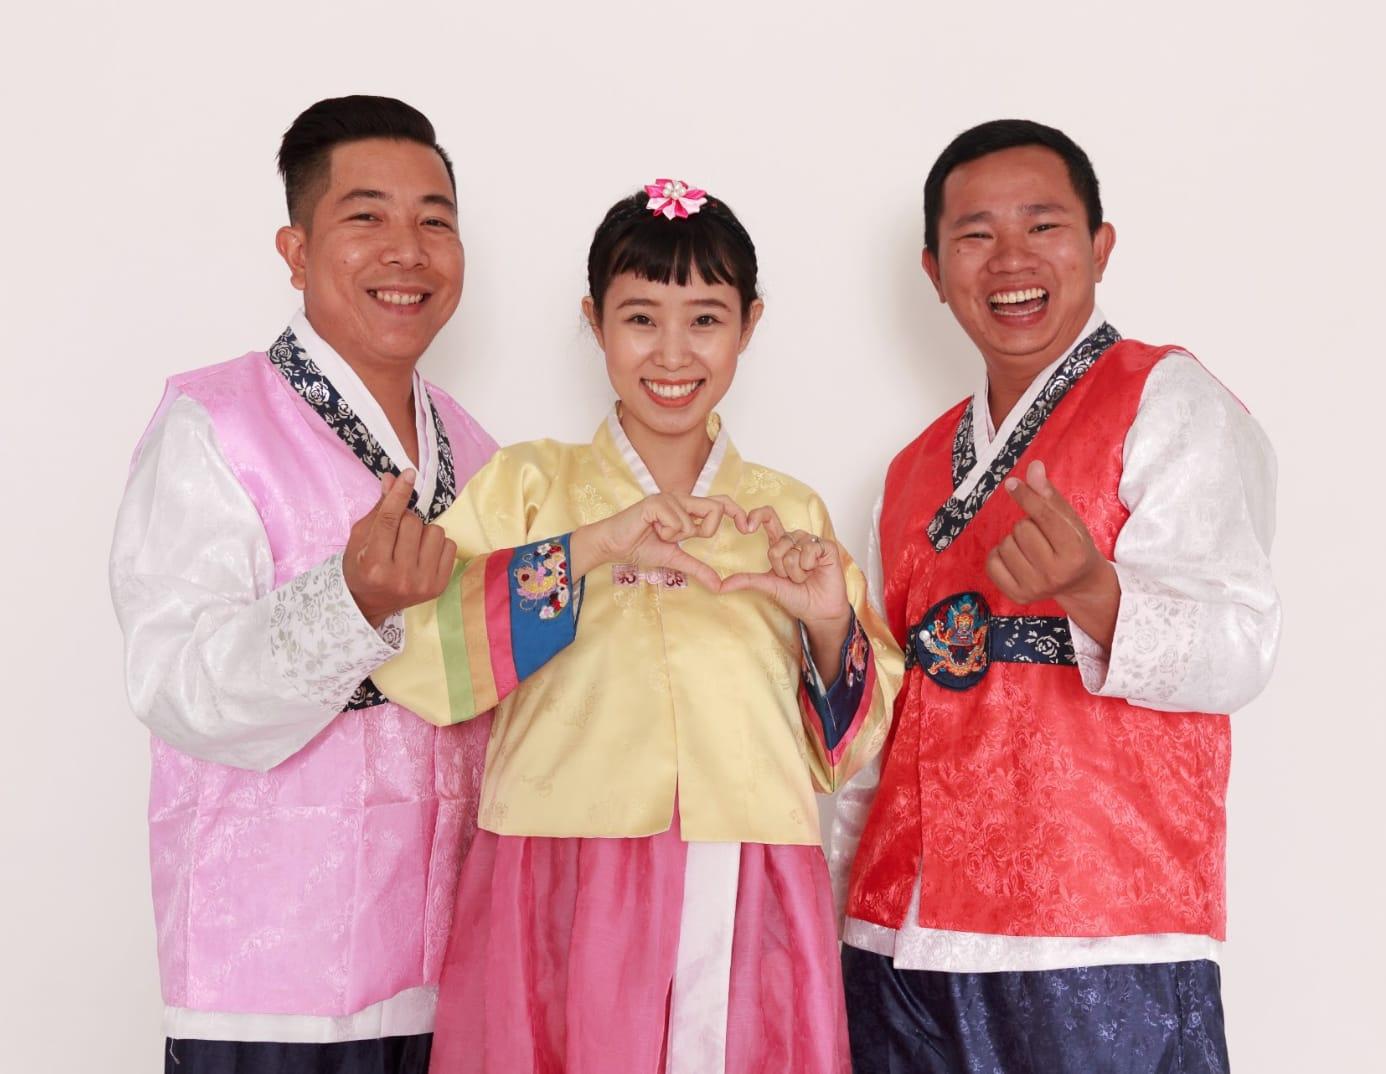 Hướng dẫn chọn thuê Hanbok vừa xinh vừa tiết kiệm 3